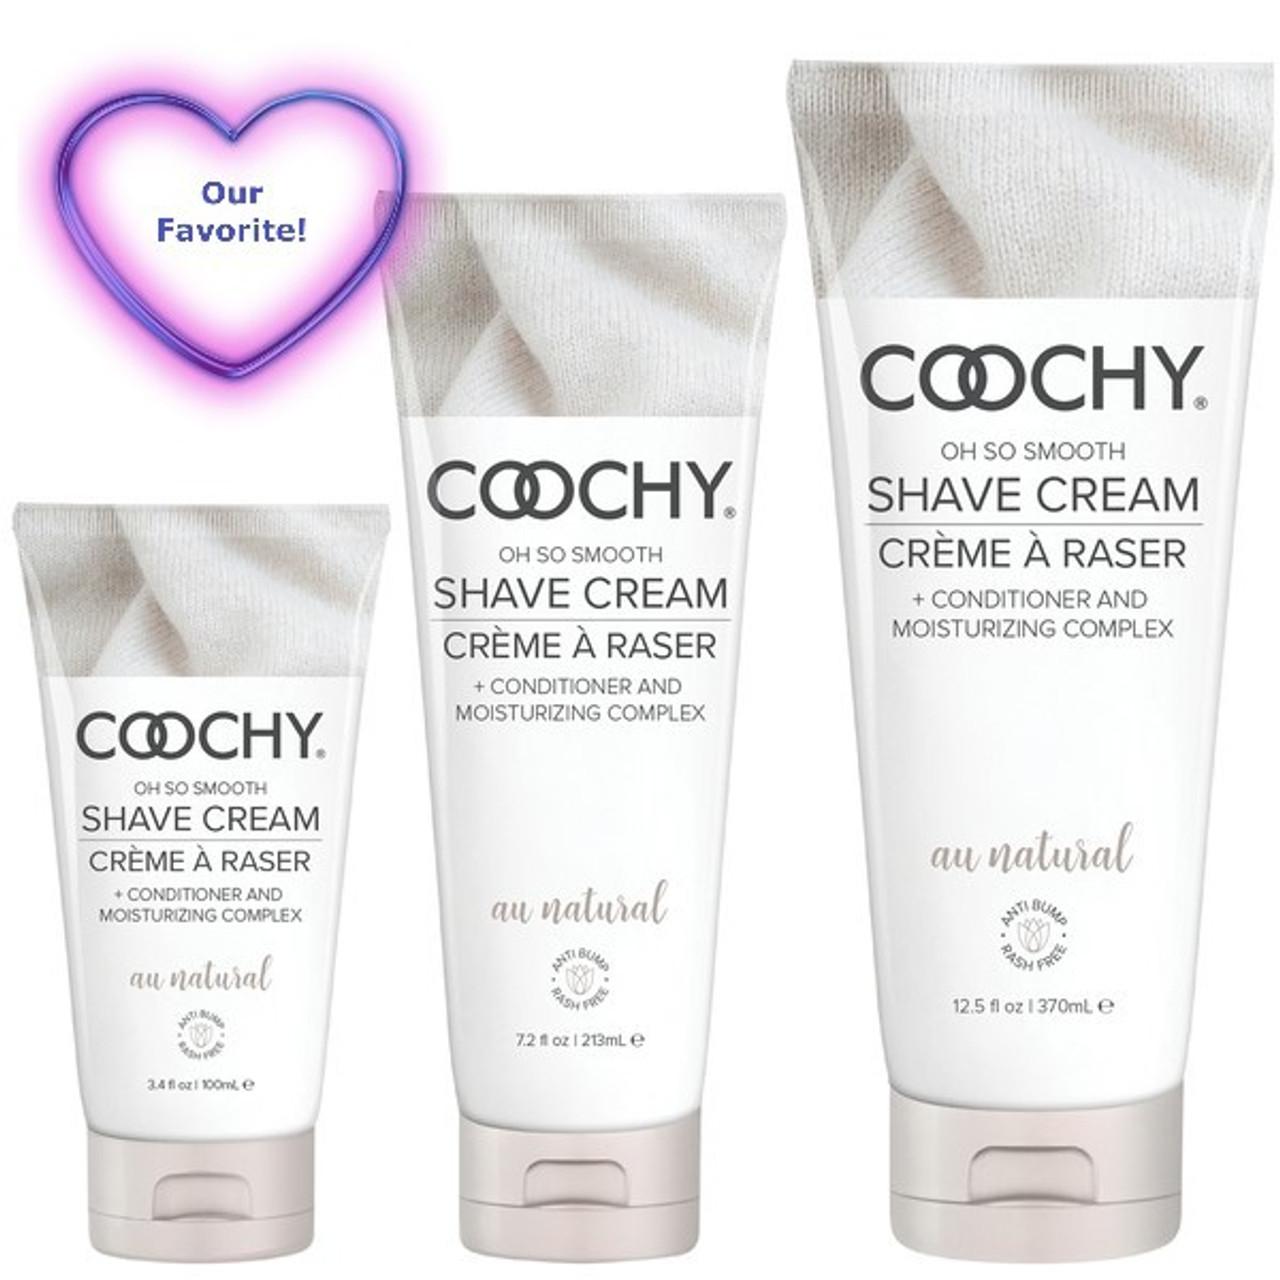 Intimate Shave Cream